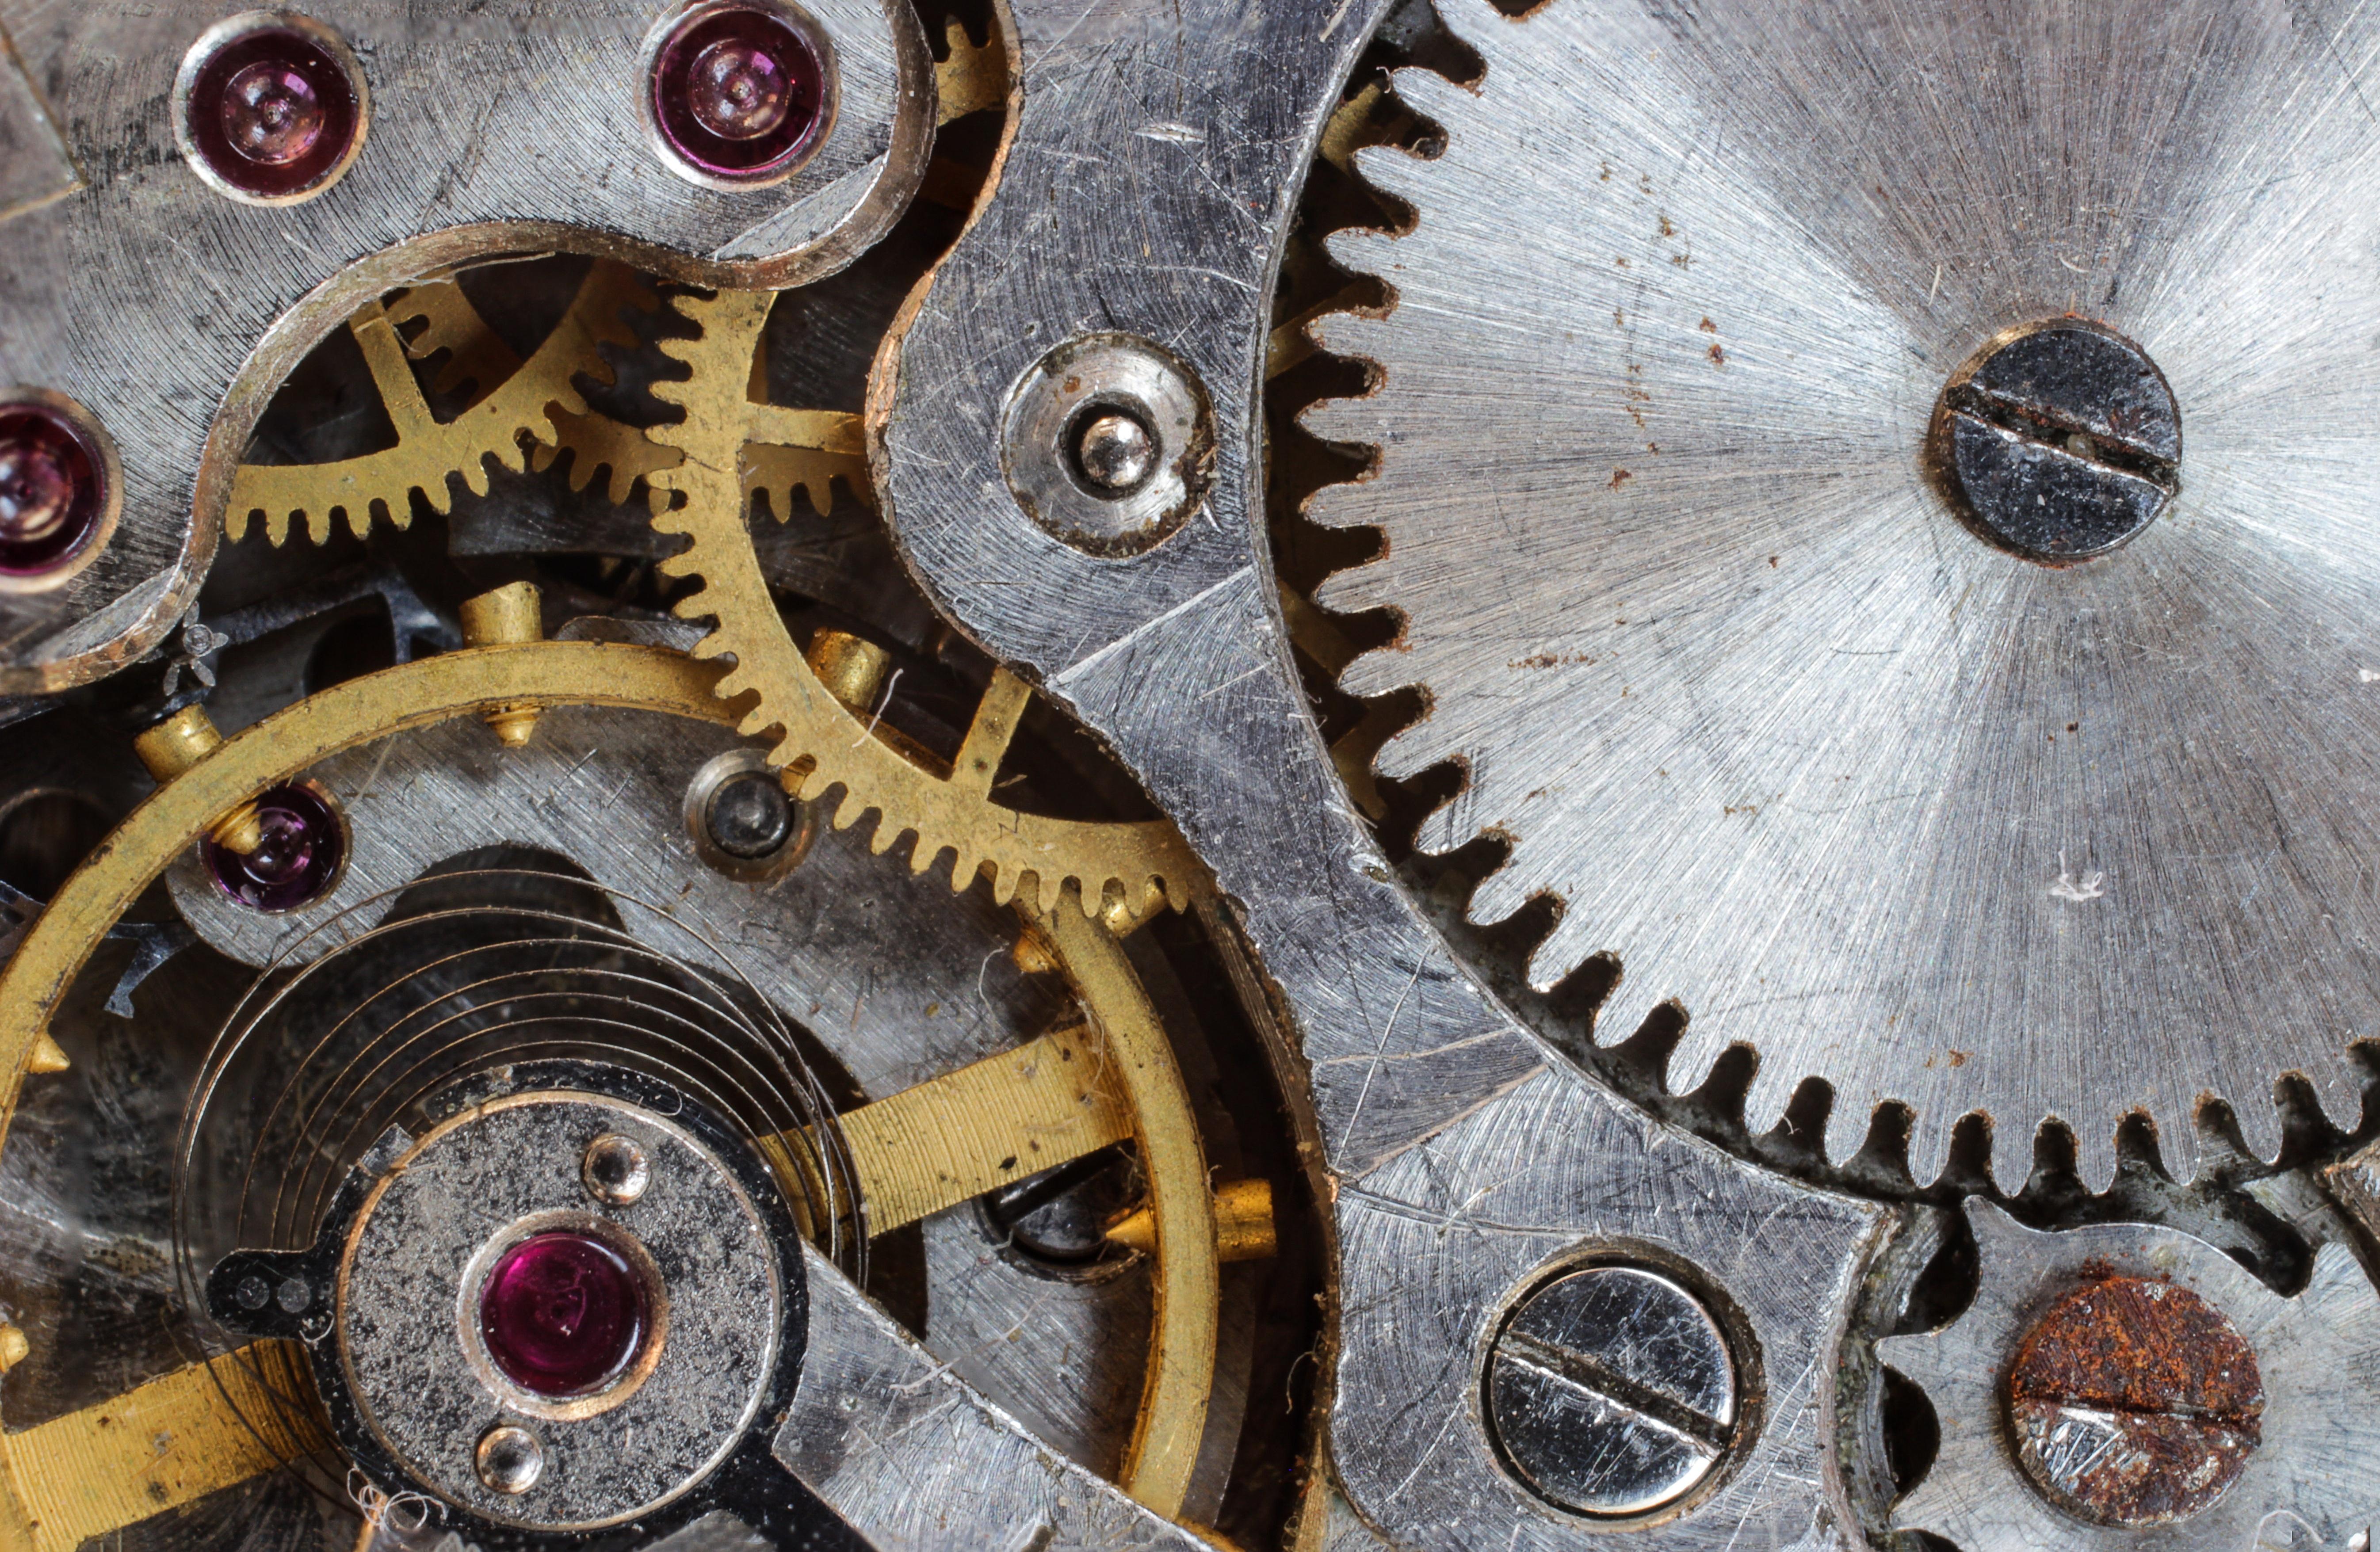 155487 Hintergrundbild herunterladen Sonstige, Verschiedenes, Mechanismus, Fokus, Motor, Getriebe, Zahnräder - Bildschirmschoner und Bilder kostenlos